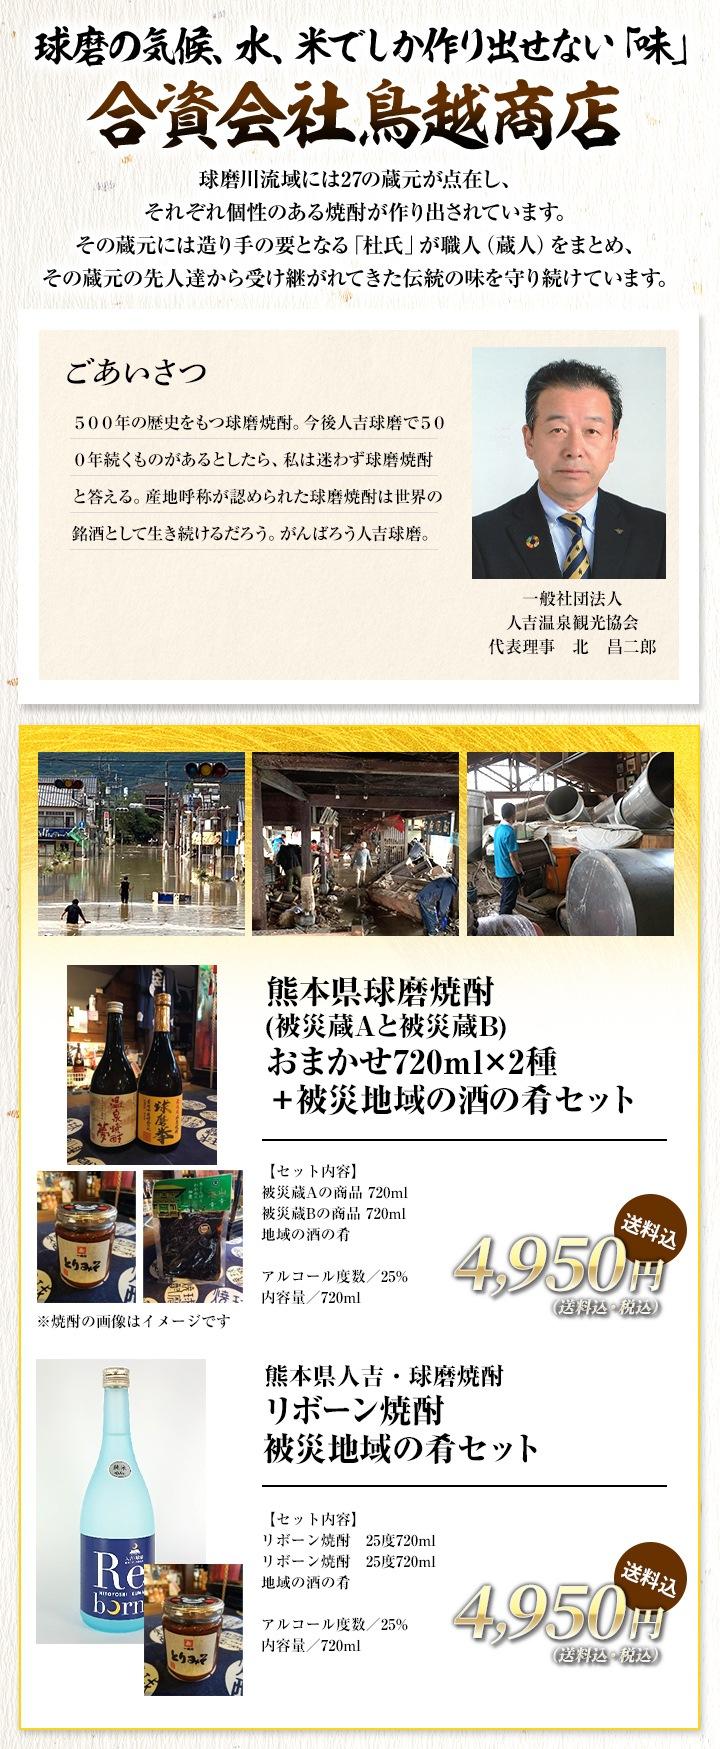 【お勧め「酒」物産展】熊本県球磨焼酎 被災地域の肴セット★送料込★